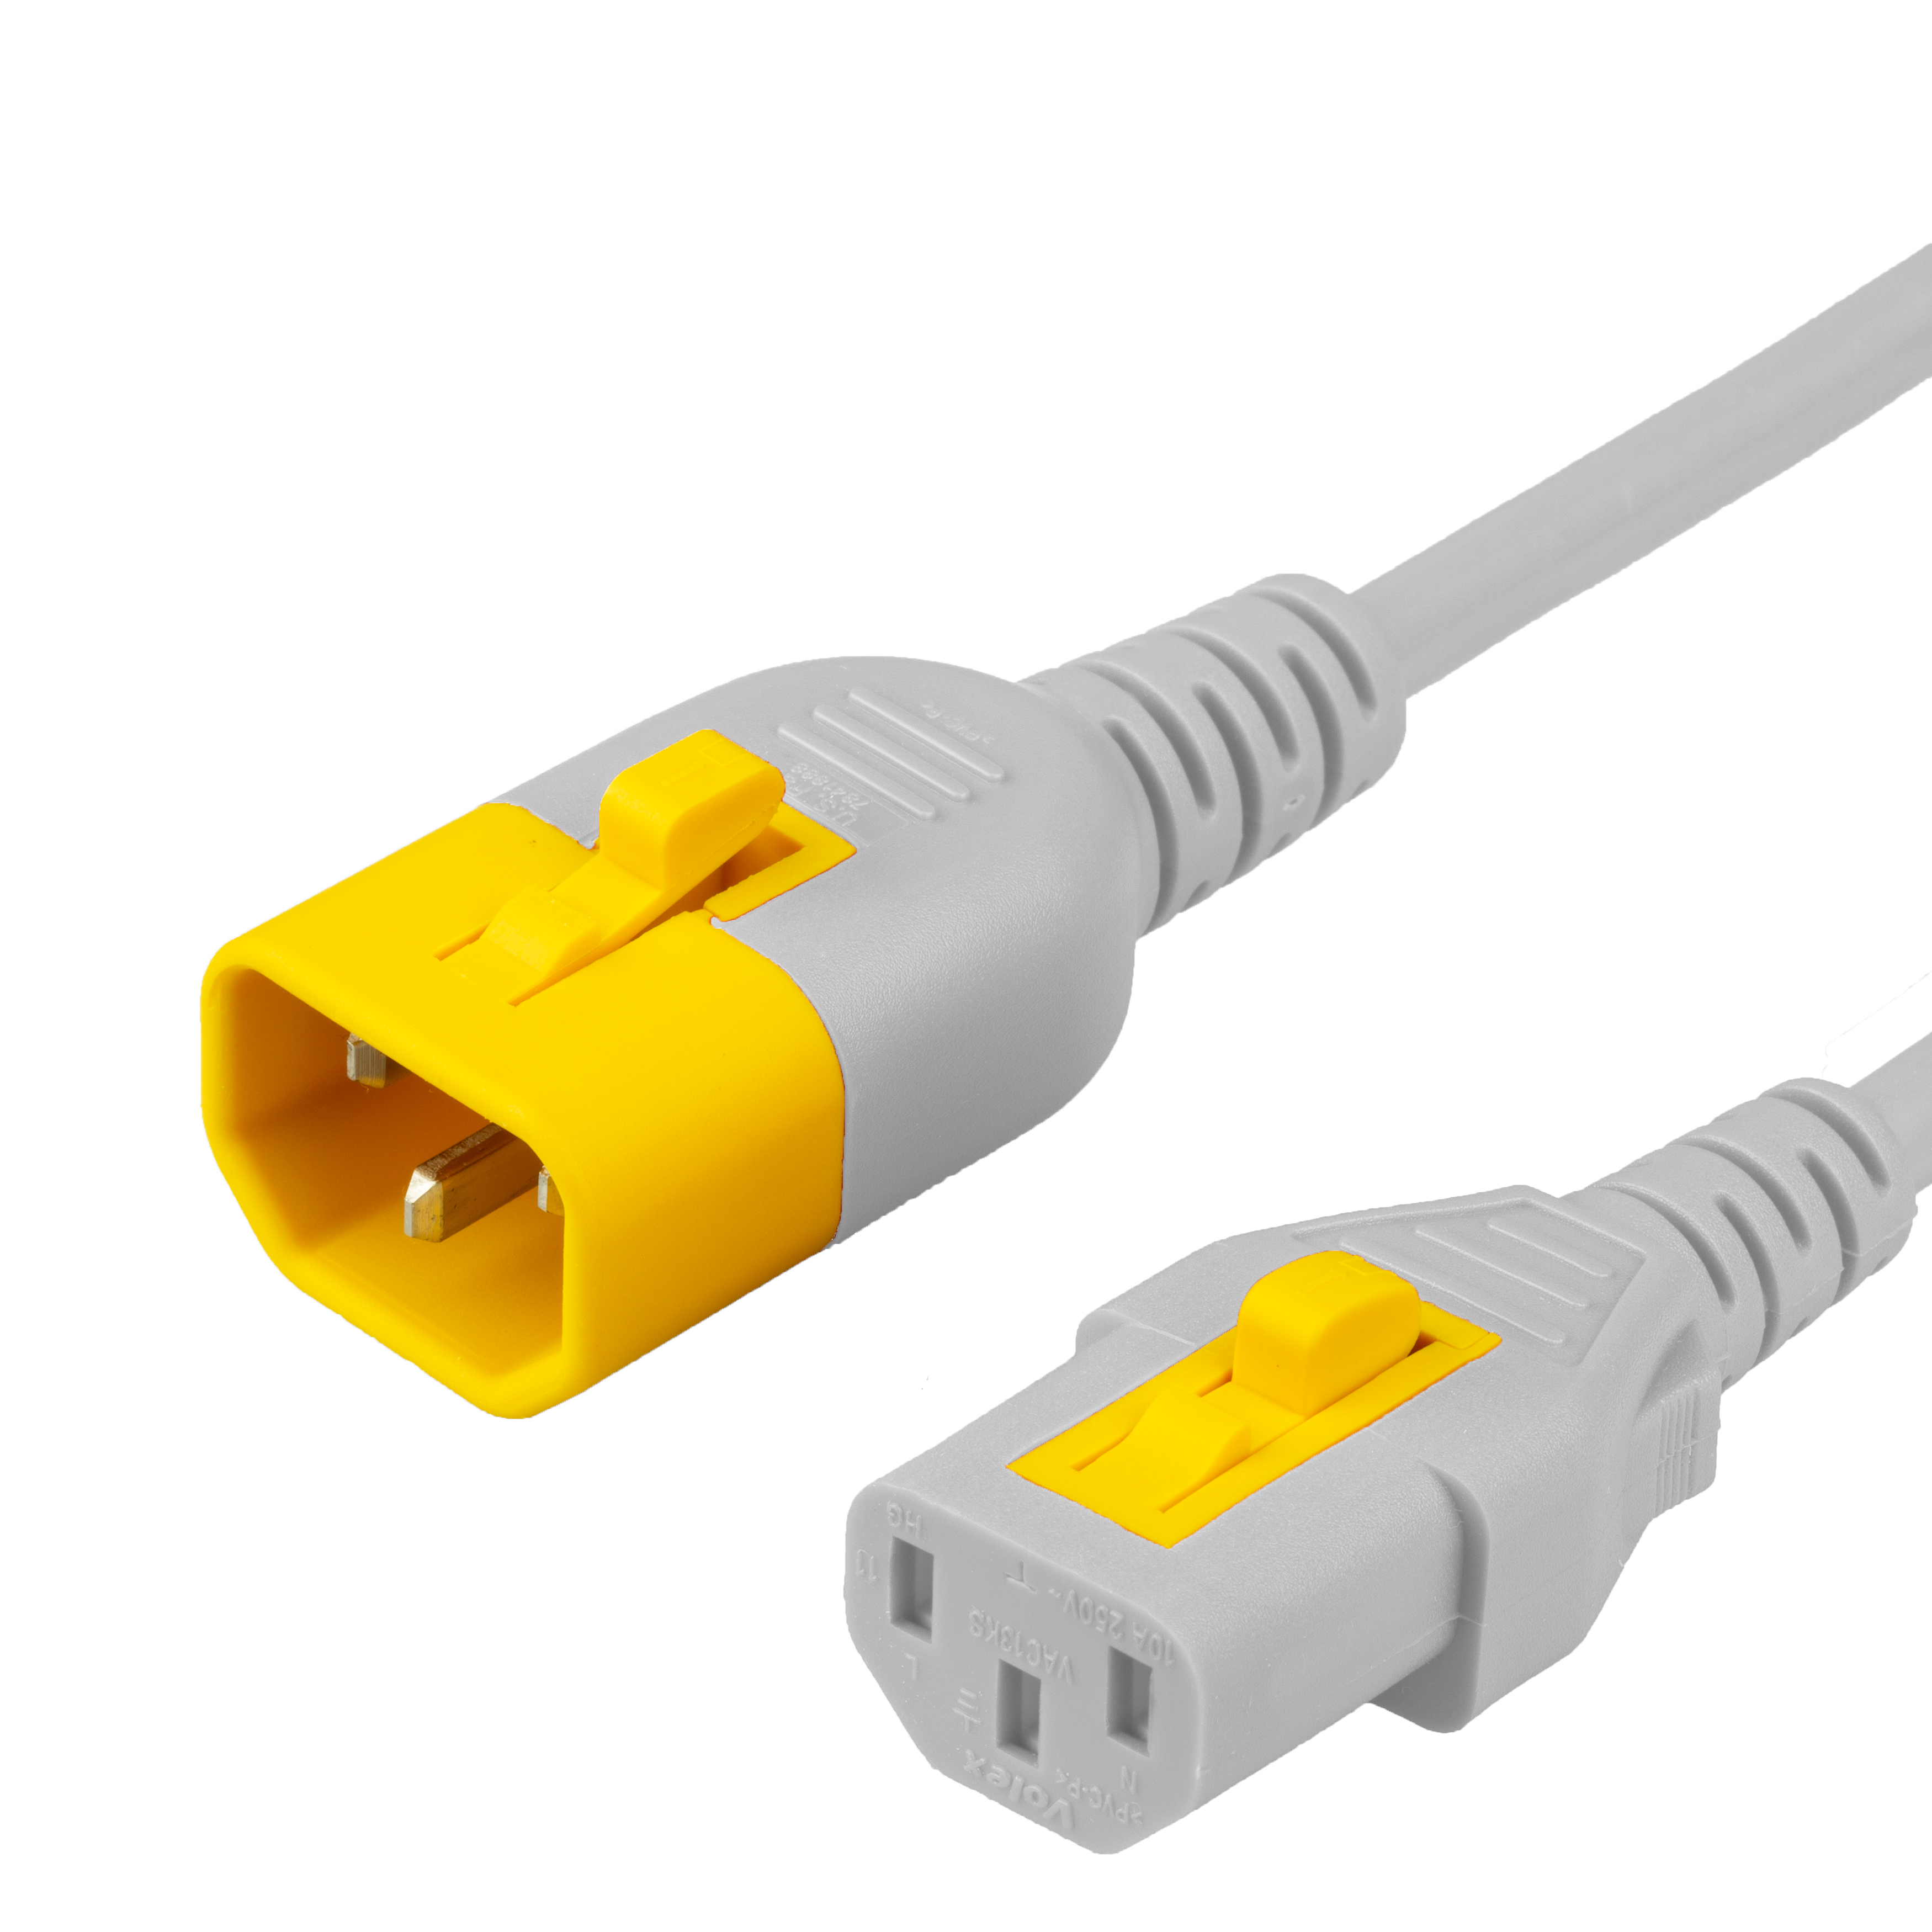 3FT C13 C14 V-LOCK 10A 250V WHITE Power Cord